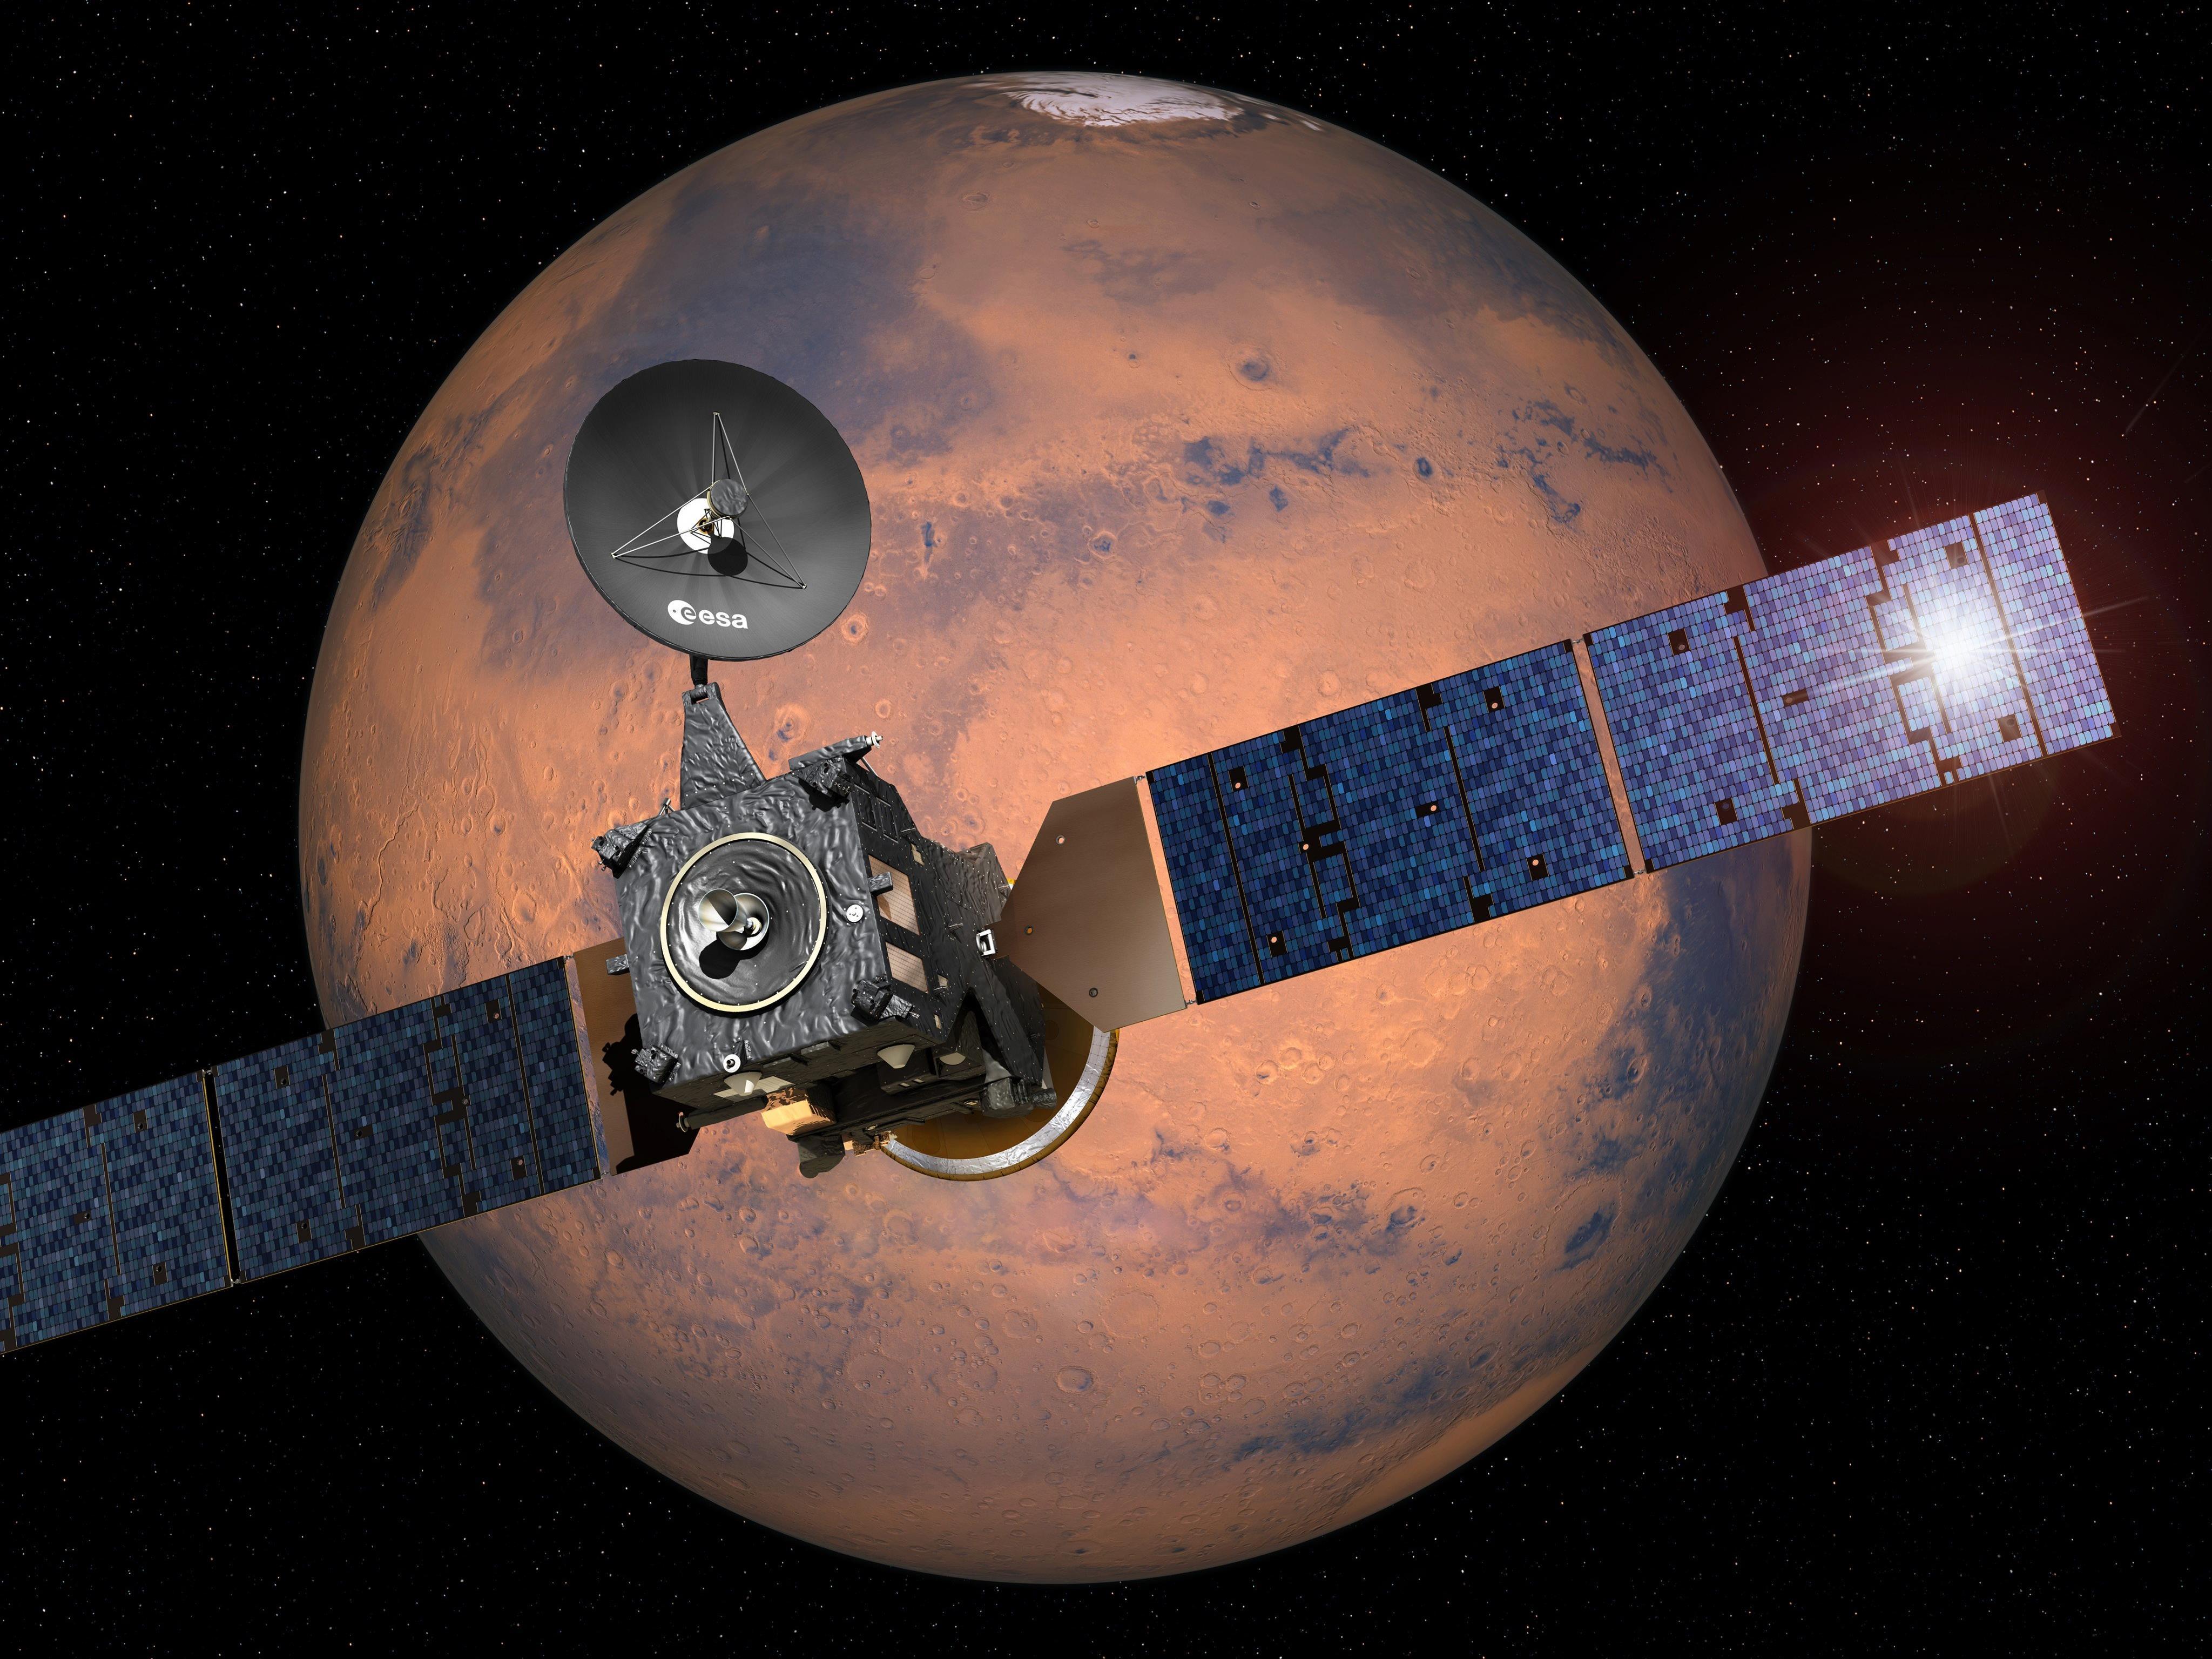 Die Mission ExoMars Teil 2 wurde auf 2020 verschoben.